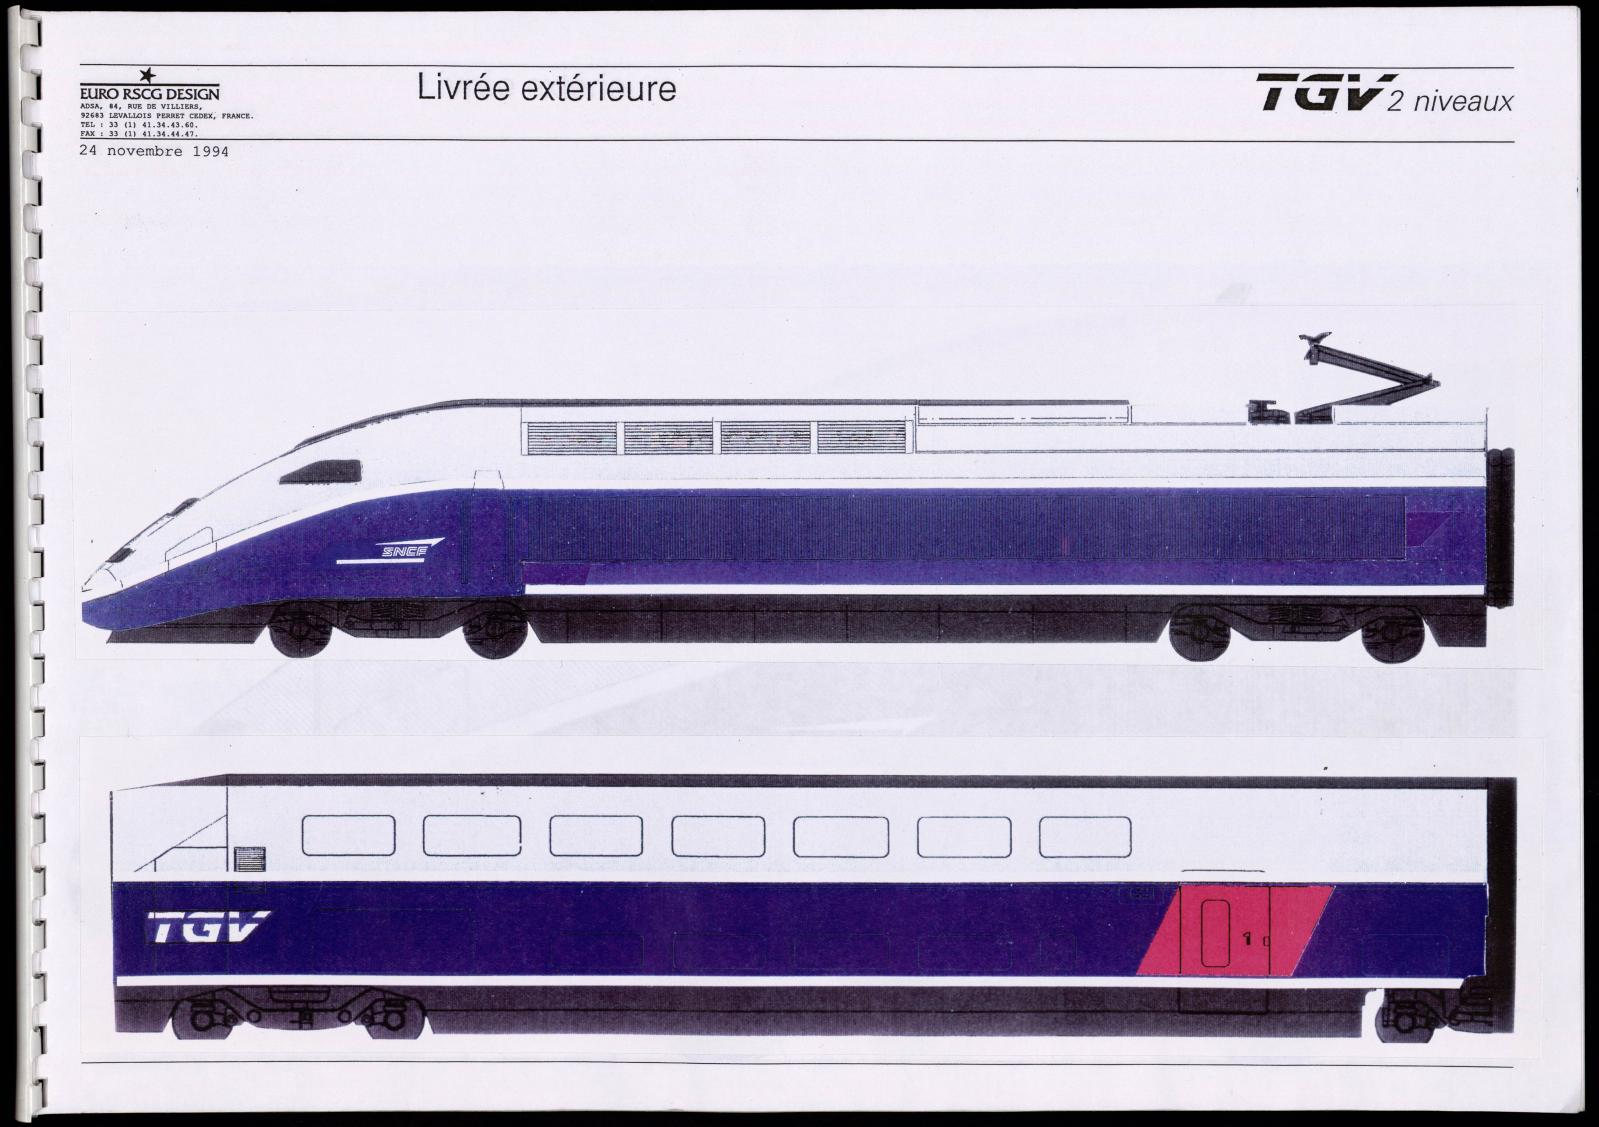 Livrée extérieure du TGV Duplex, 1994.